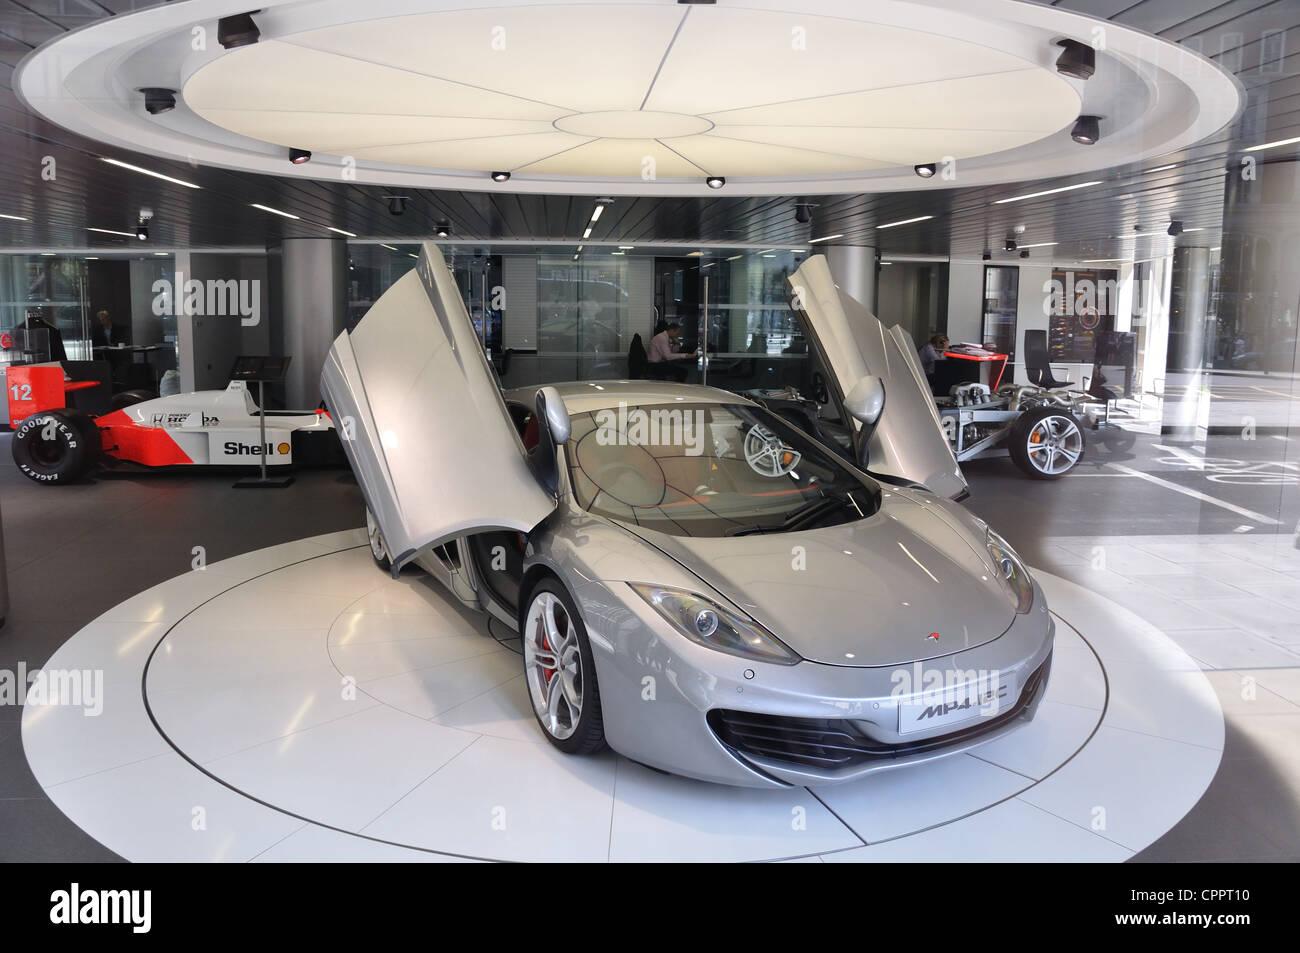 McLaren MP4-12C in London Showroom - Stock Image